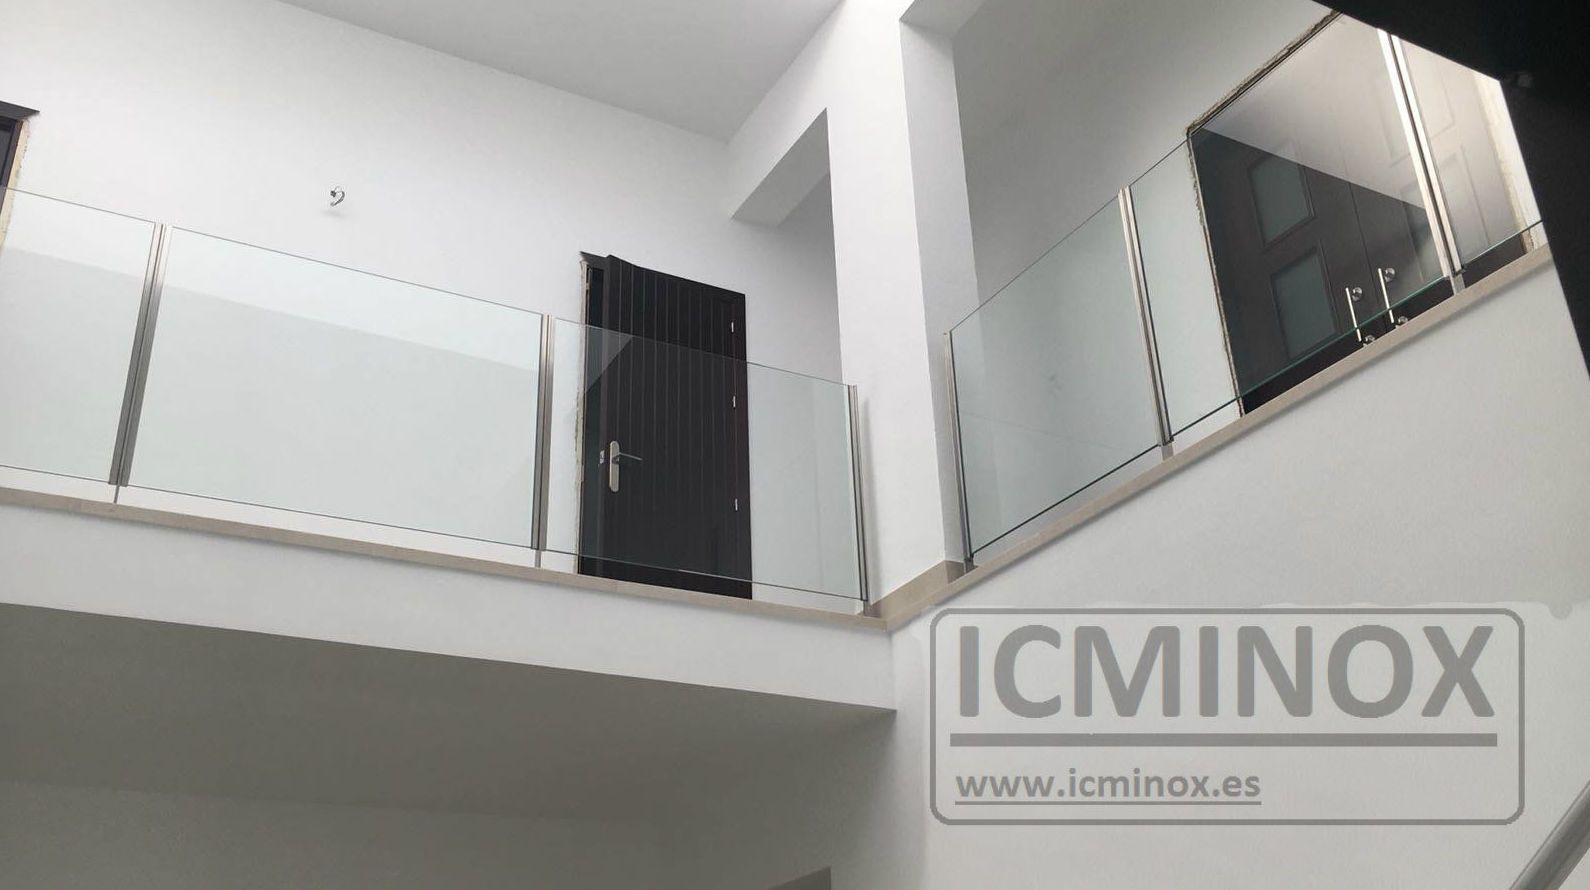 Foto 27 de Especialistas en diseños y proyectos en acero inoxidable en Alcalá de Guadaíra | Icminox